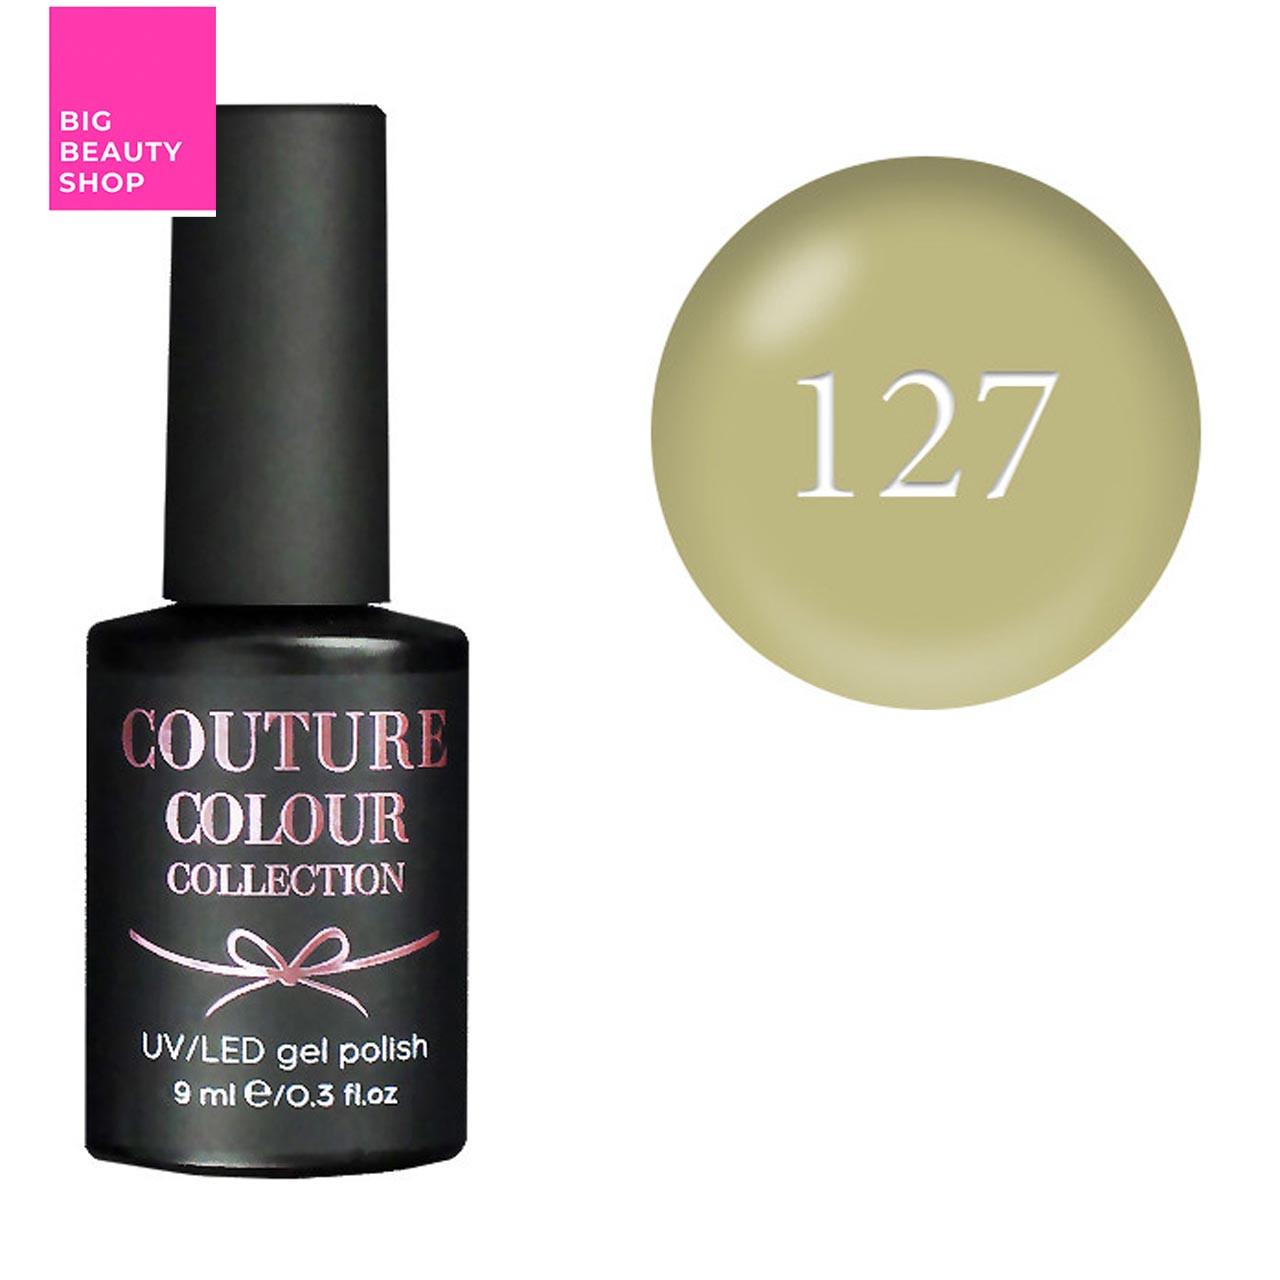 Гель-лак для ногтей Couture Colour №127 Плотный светло-оливковый (эмаль) 9 мл